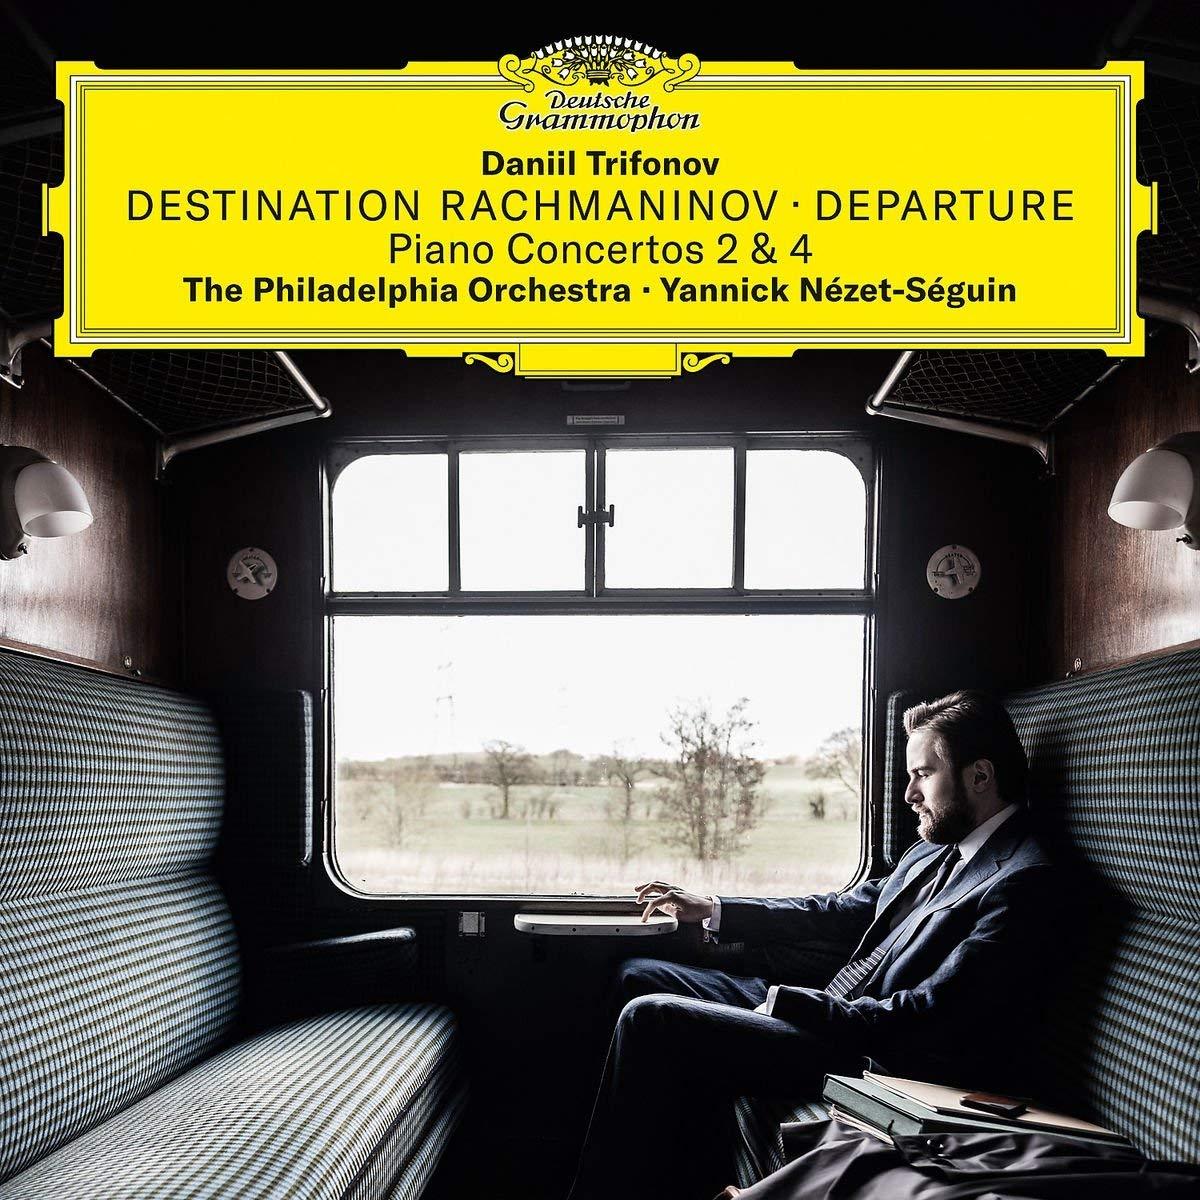 лучшая цена Даниил Трифонов Daniil Trifonov. Destination Rachmaninov. Departure (2 LP)